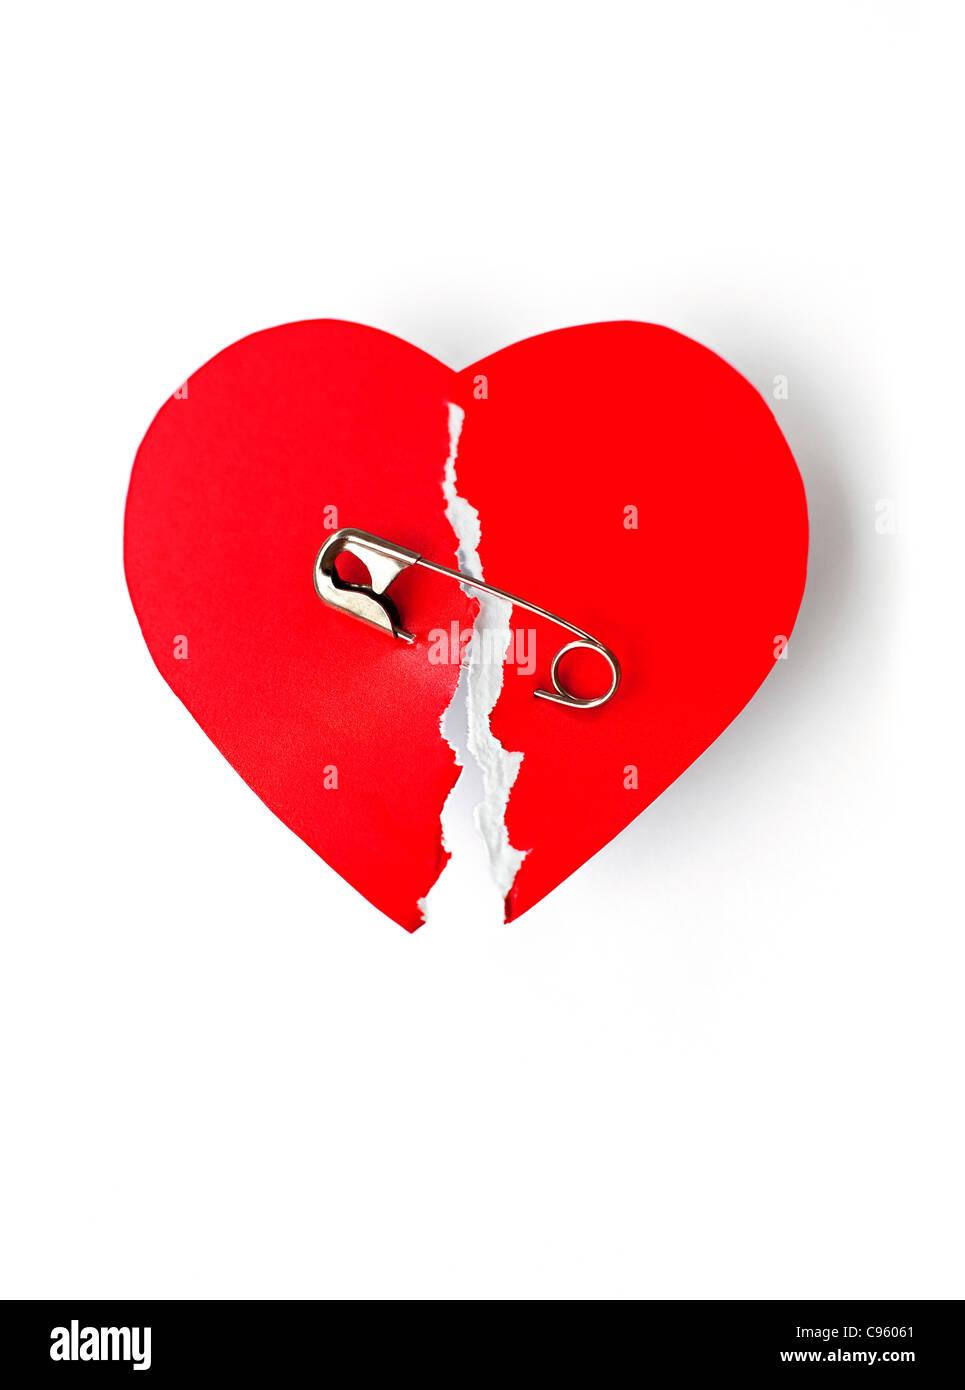 Réparer un cœur brisé image conceptuelle. Photo Stock